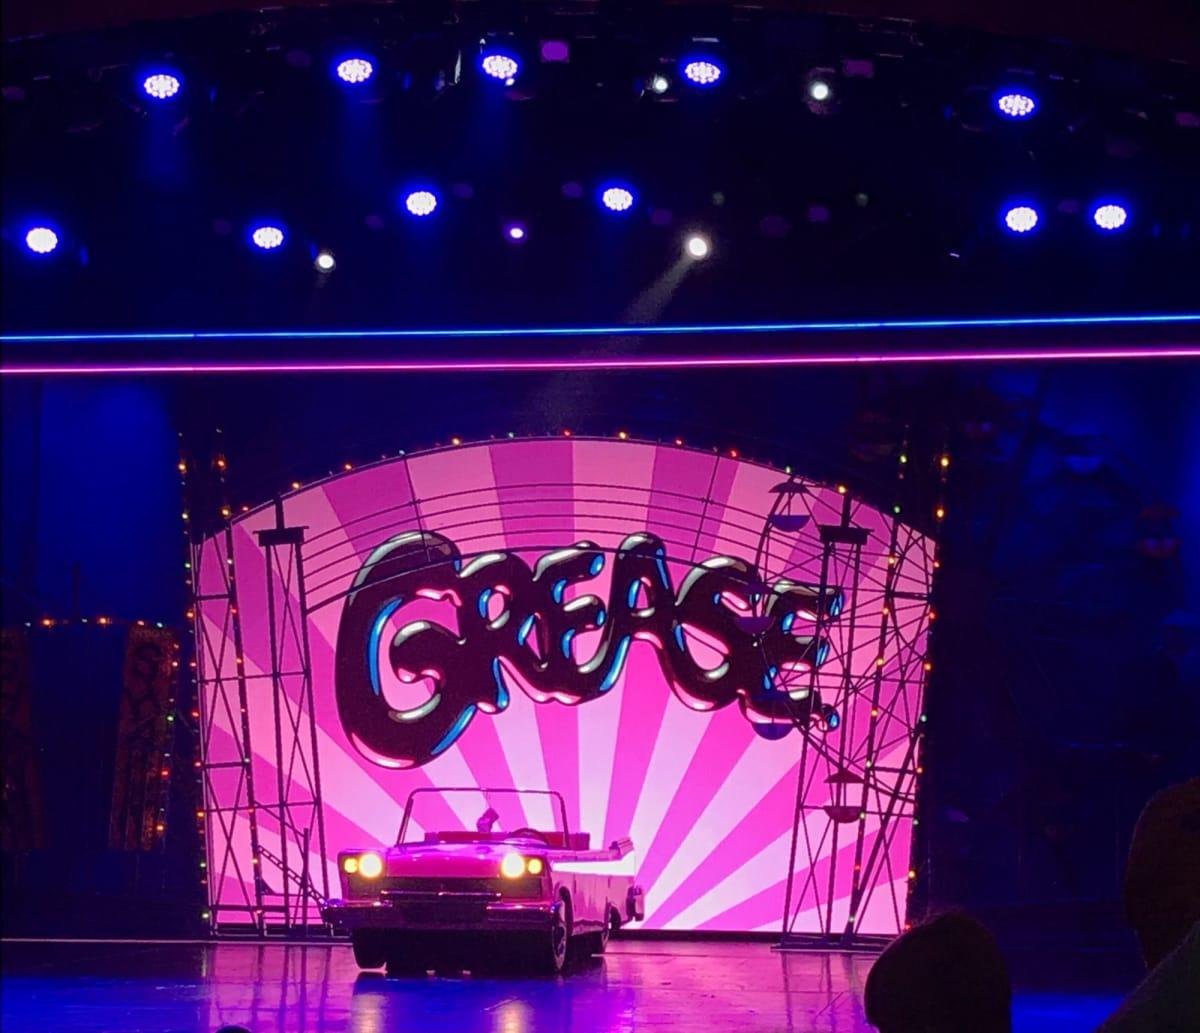 乗船日の夜はミュージカル「GREASE」を 観に行きました♪   客船ハーモニー・オブ・ザ・シーズのアクティビティ、船内施設